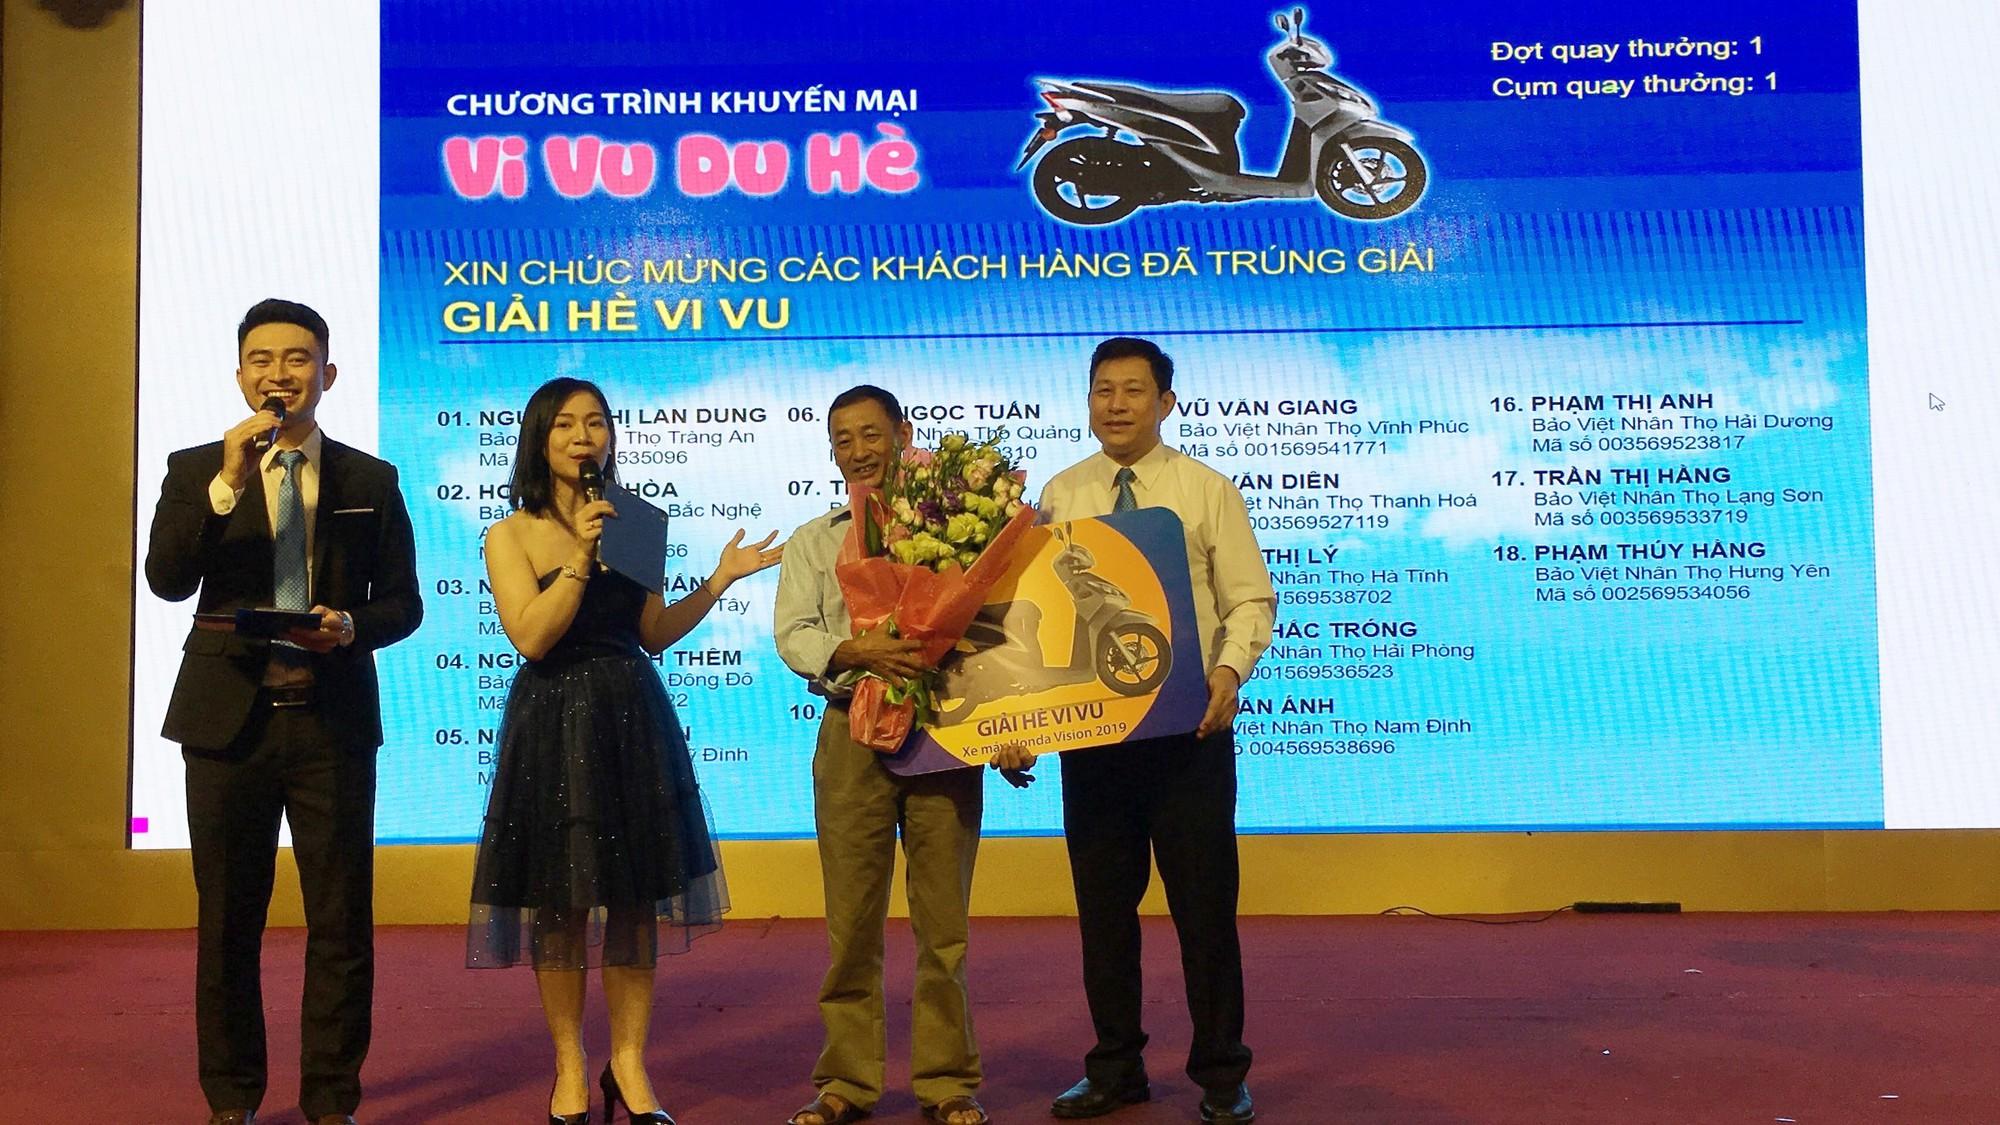 KH Trần Văn Định tại Nghệ An đã trúng thưởng xe máy từ chương trình Vi Vu Du Hè